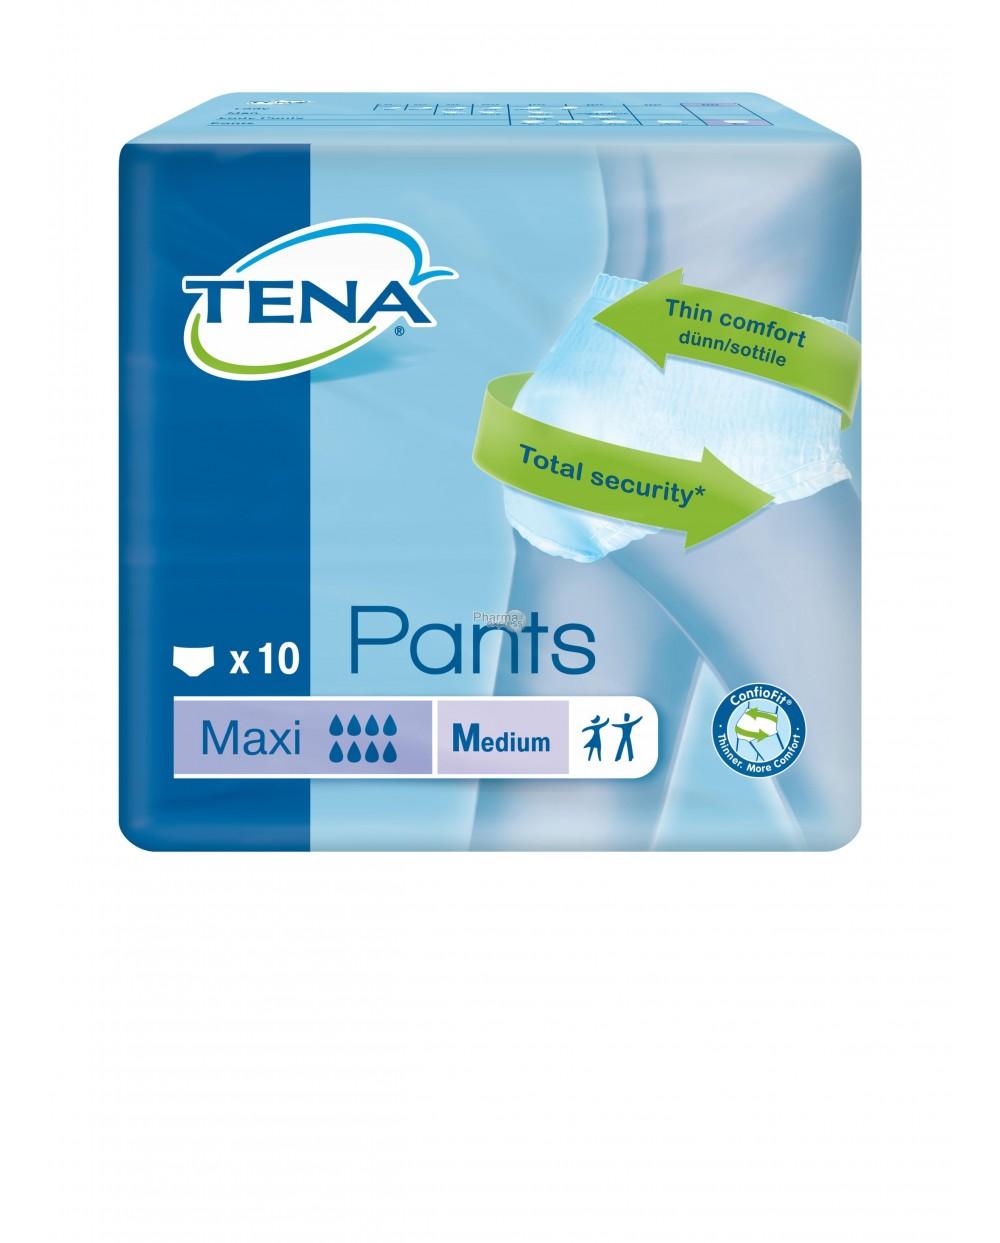 Tena Pants Maxi Medium - 10 protections